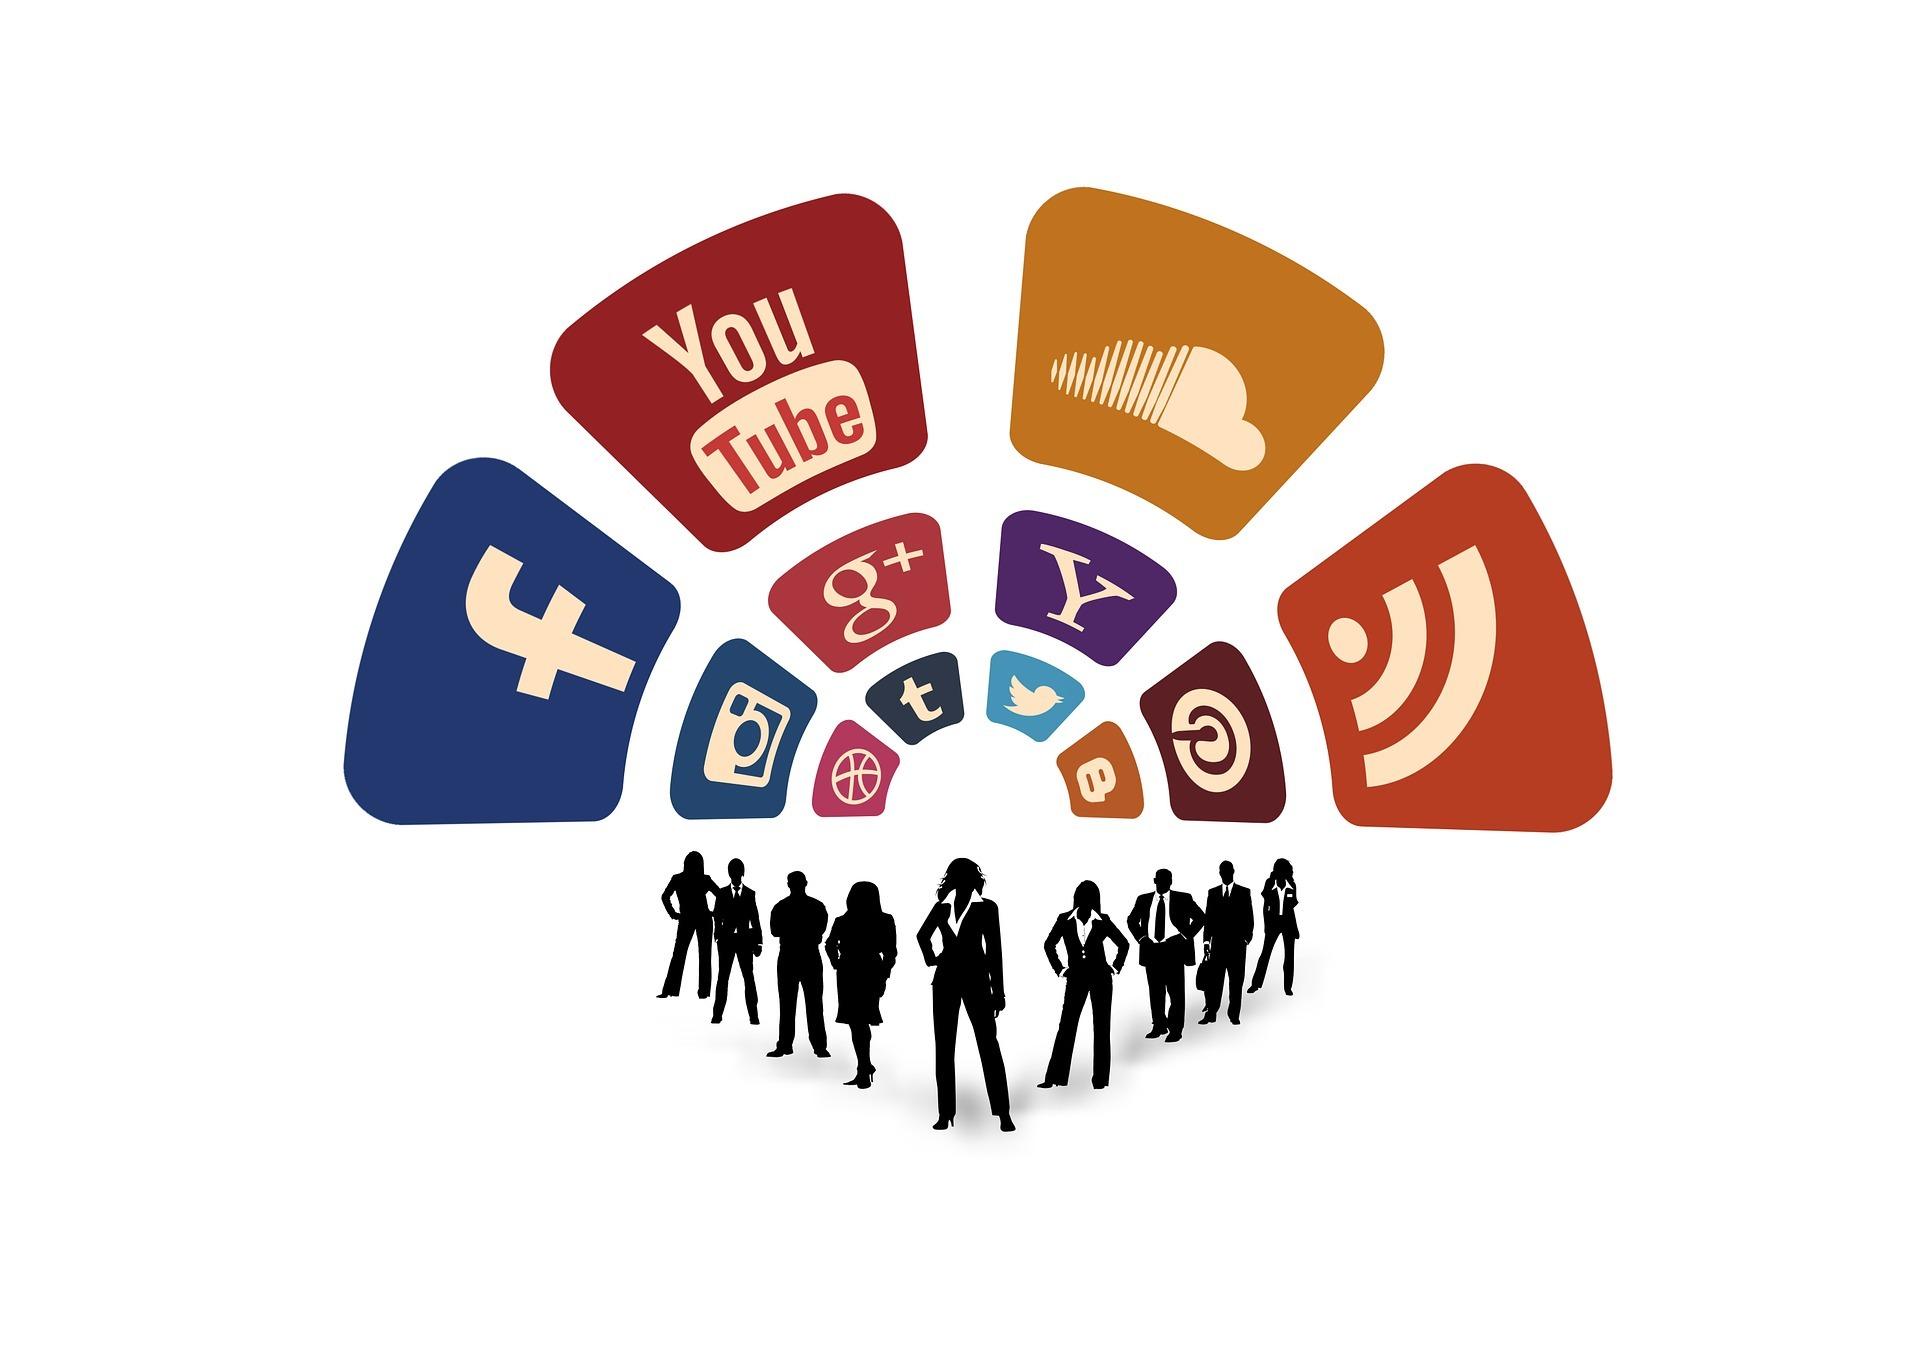 看Yahoo奇摩的行銷策略,掌握數位媒體平台的黏著度